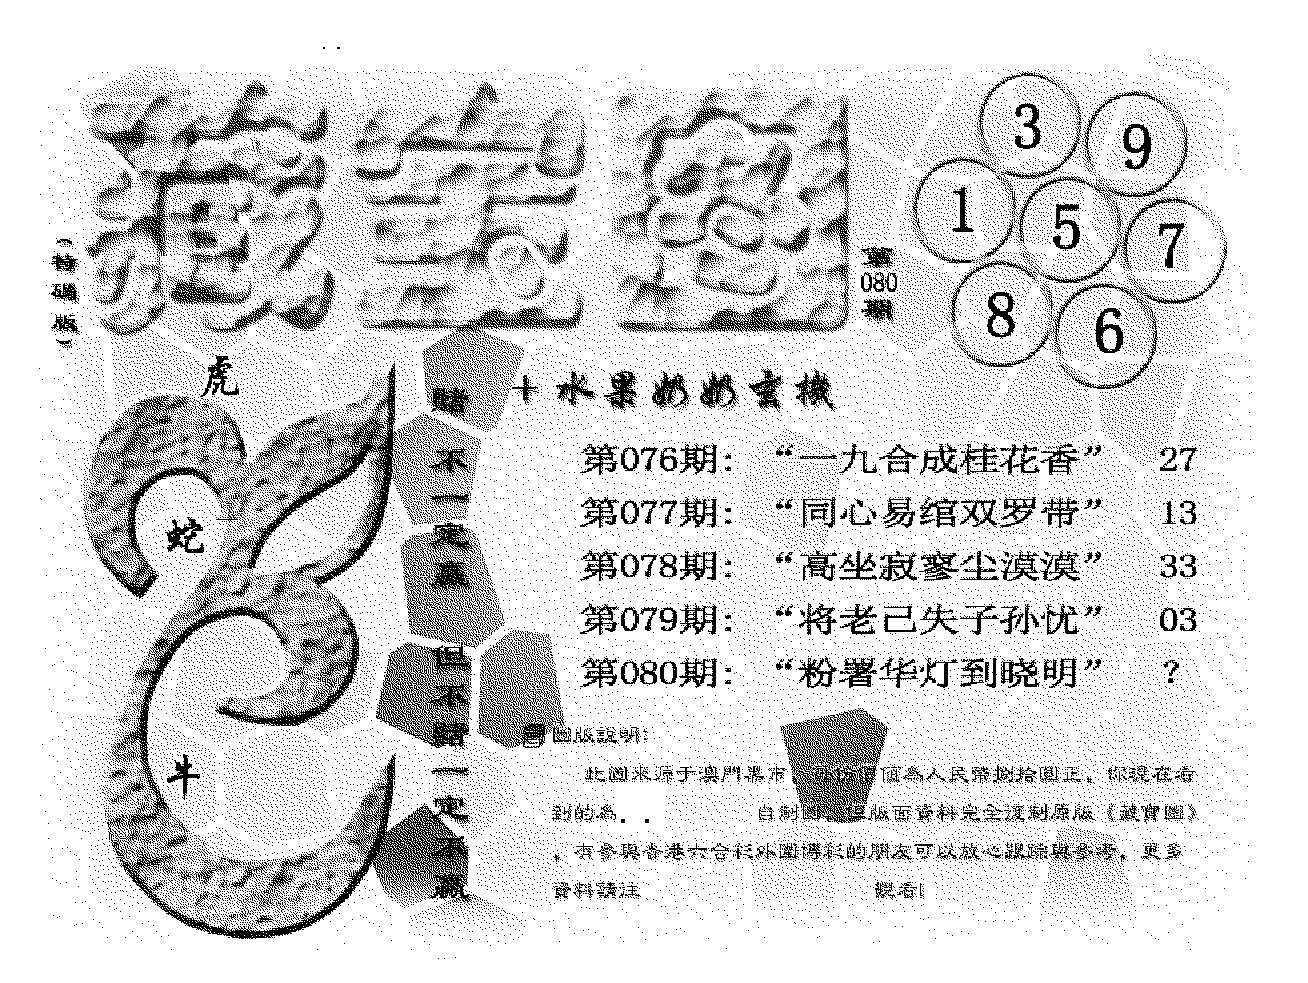 080期(九龙藏宝图)正版(黑白)